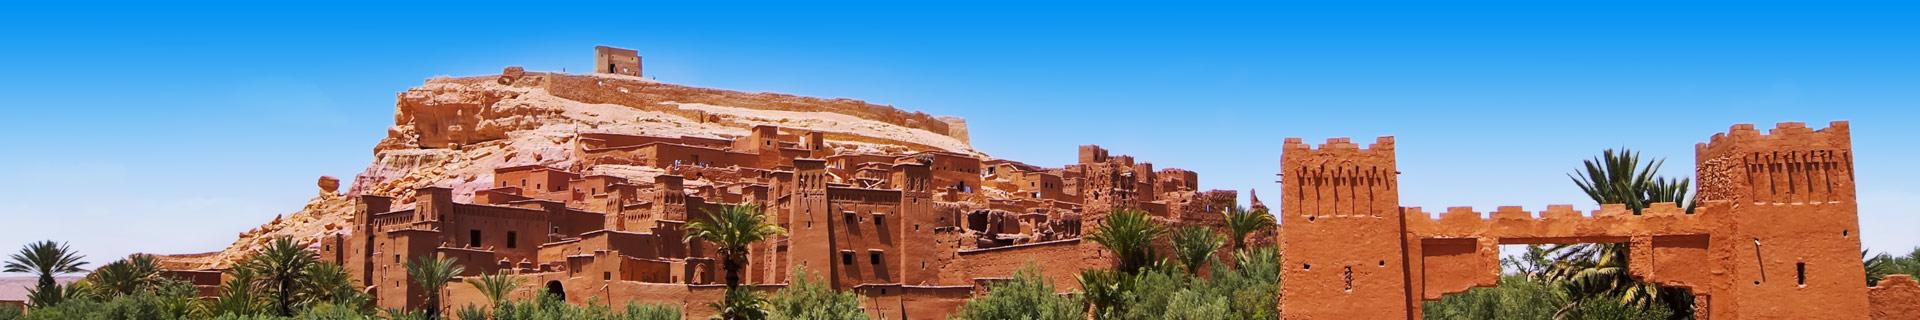 Foto van ruines in Marokko